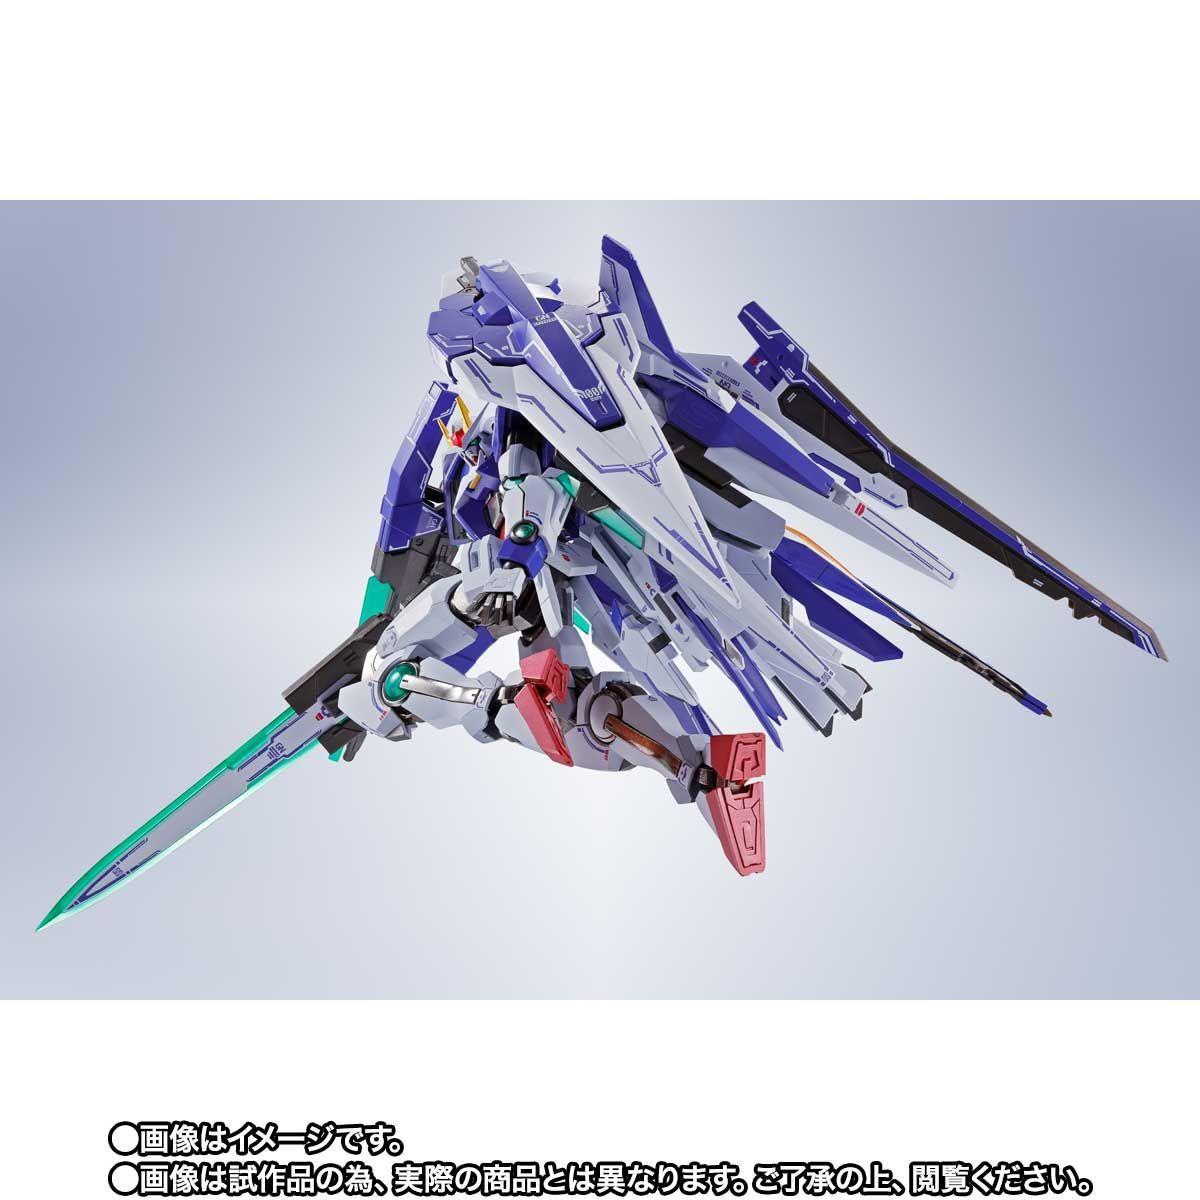 METAL ROBOT魂 ダブルオーザンライザーセブンソード_GNソードIIブラスターセット08